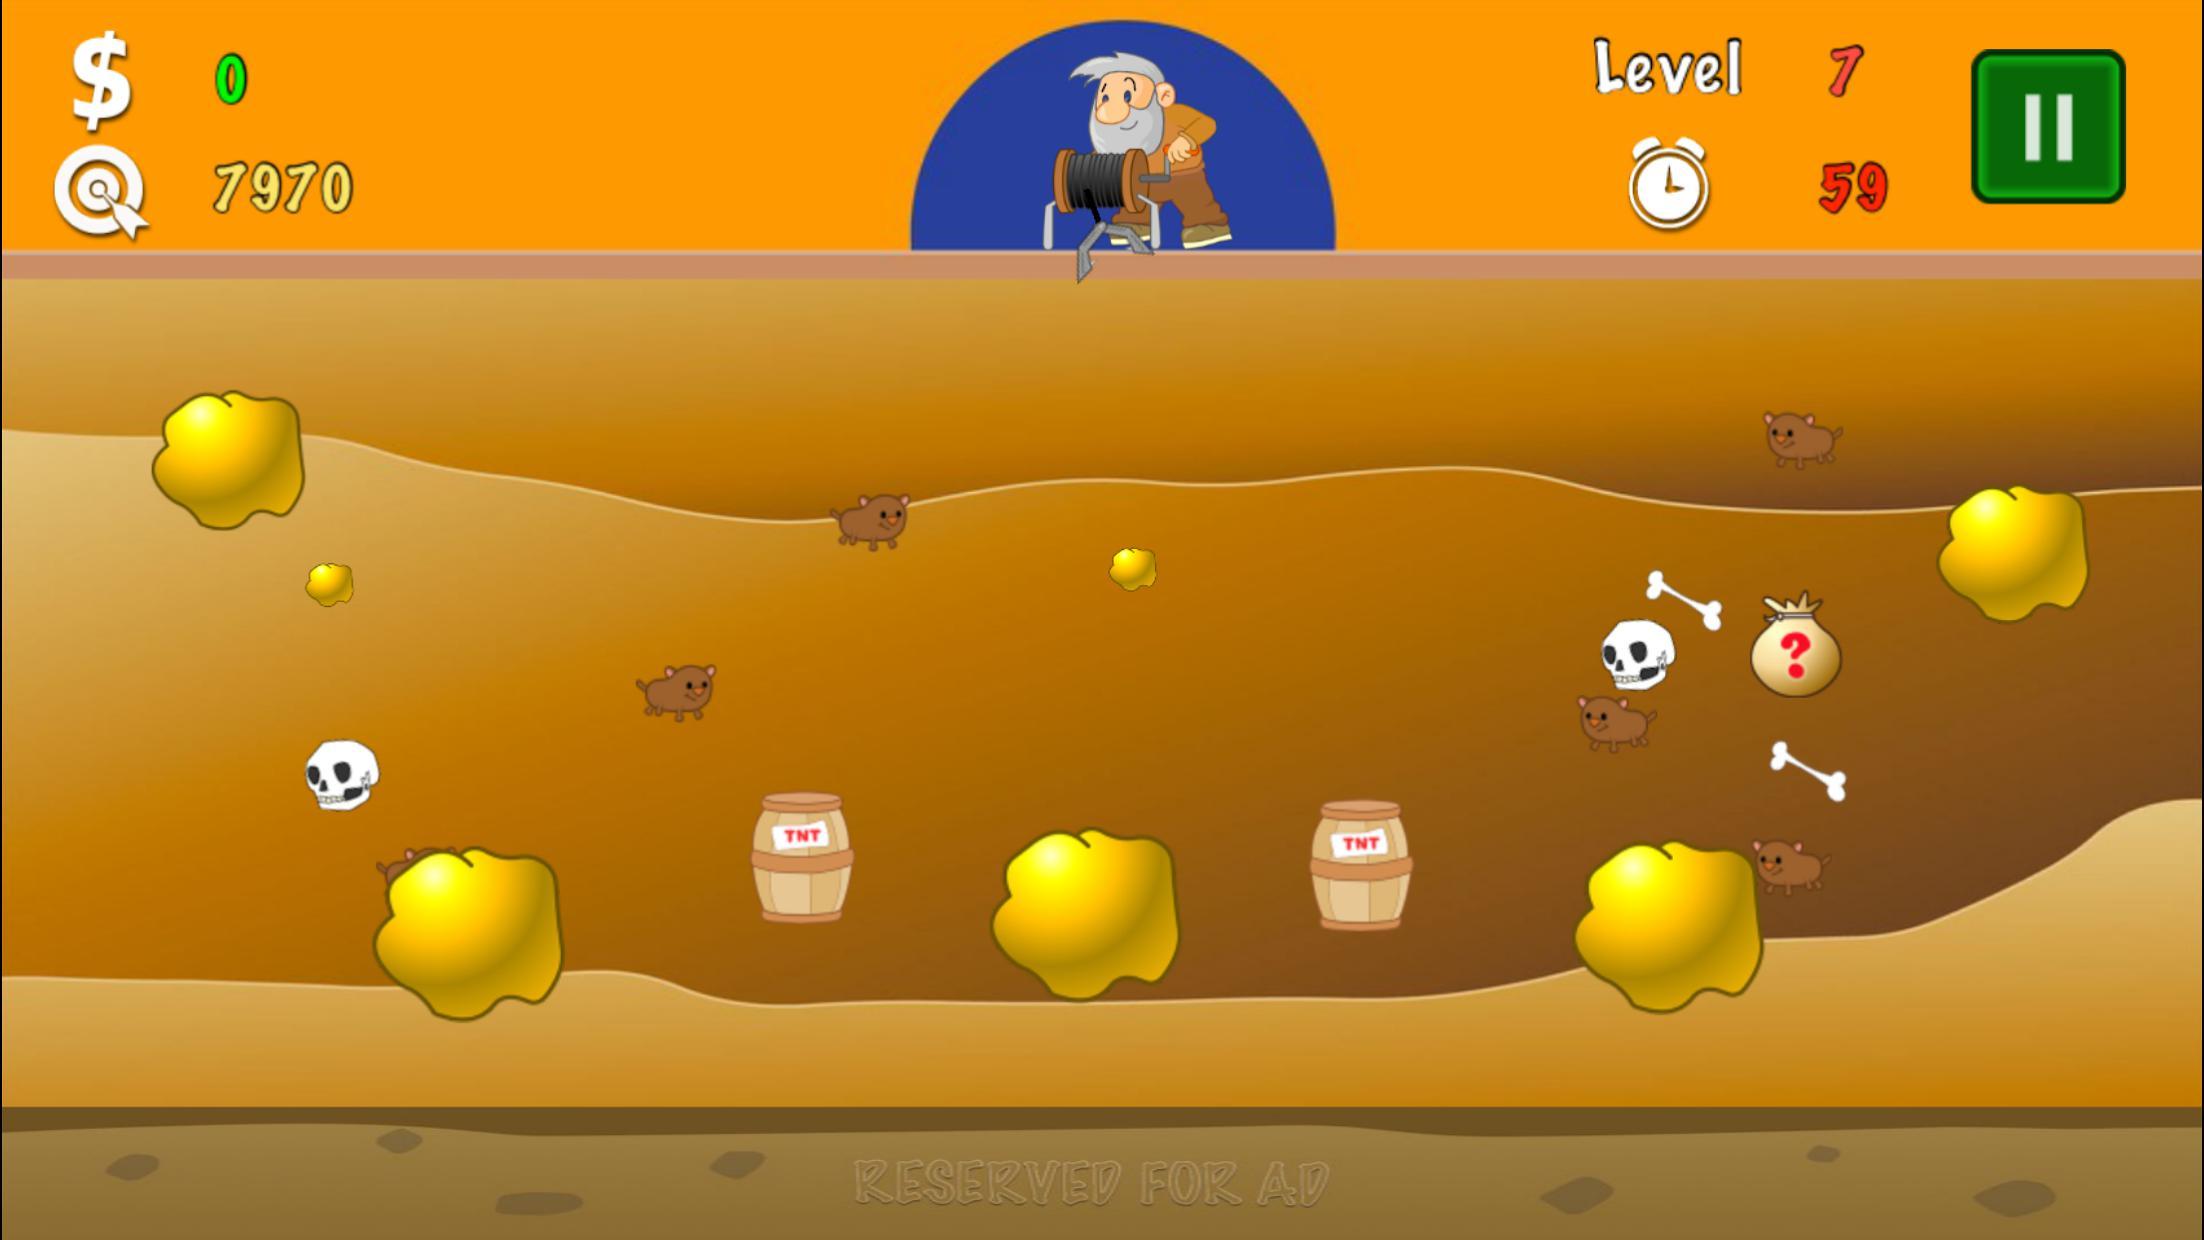 黄金矿工 - 起源 游戏截图3